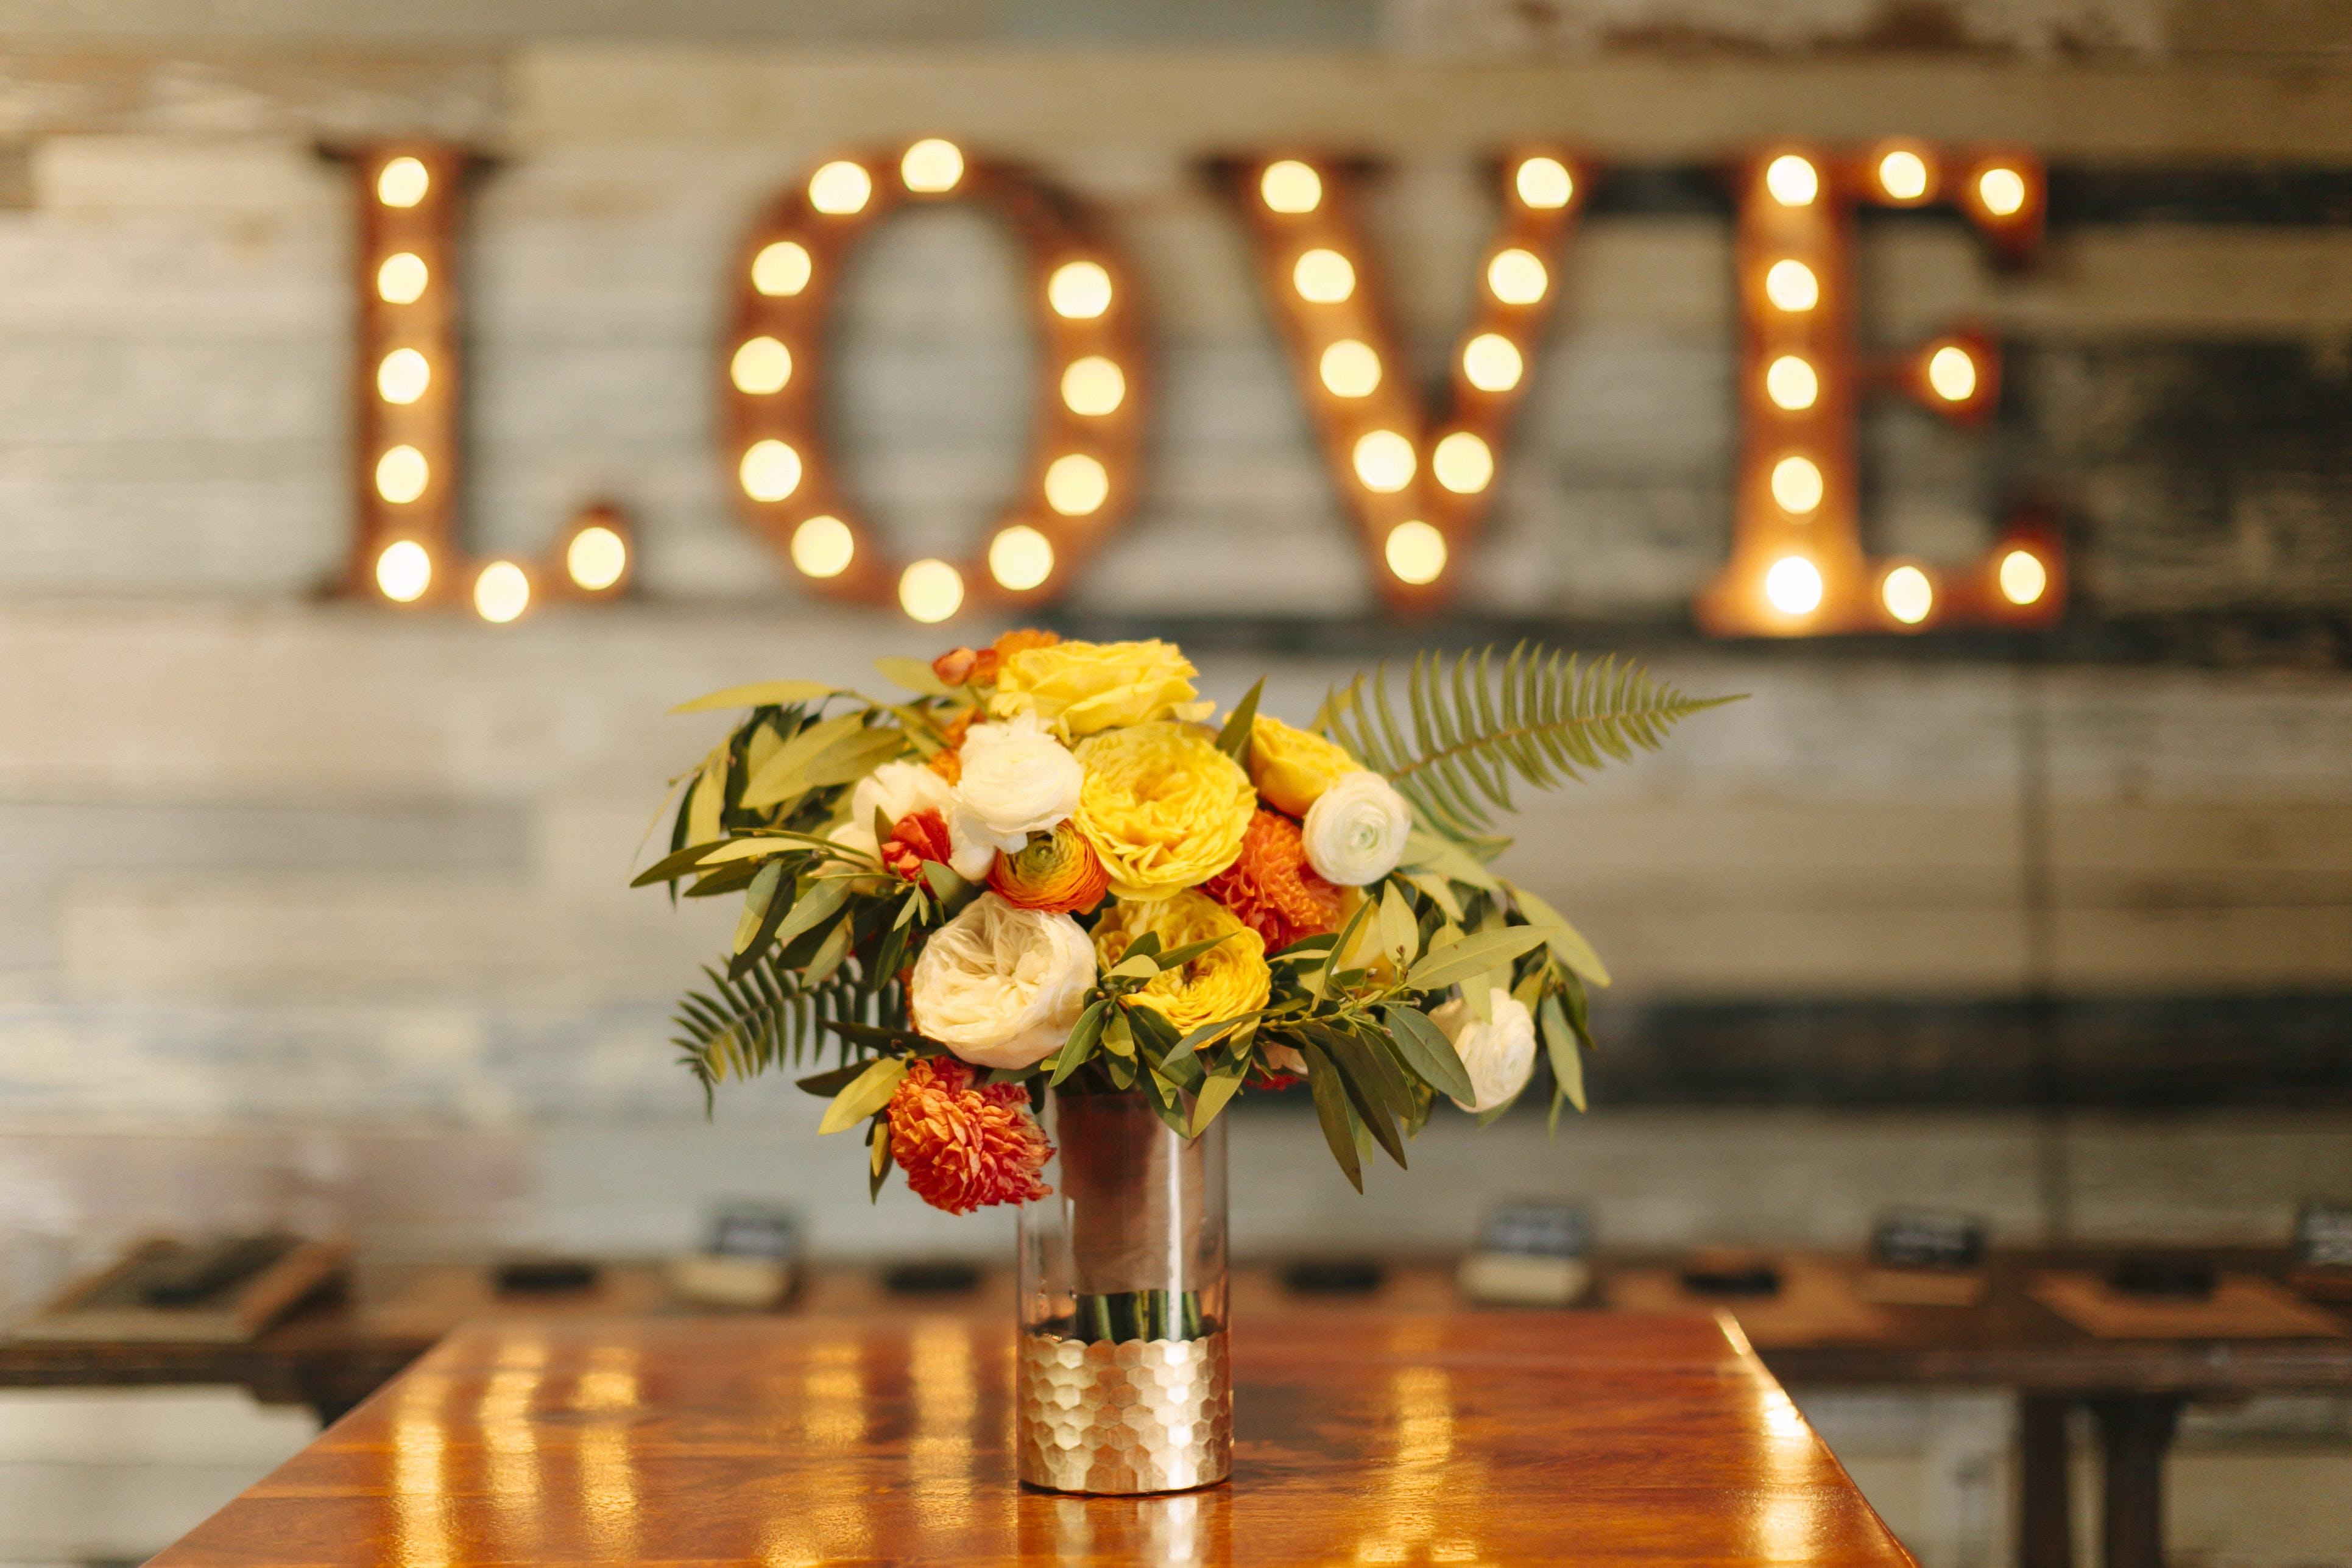 Gratis lagerfoto af blomster, bord, dekoration, indretning